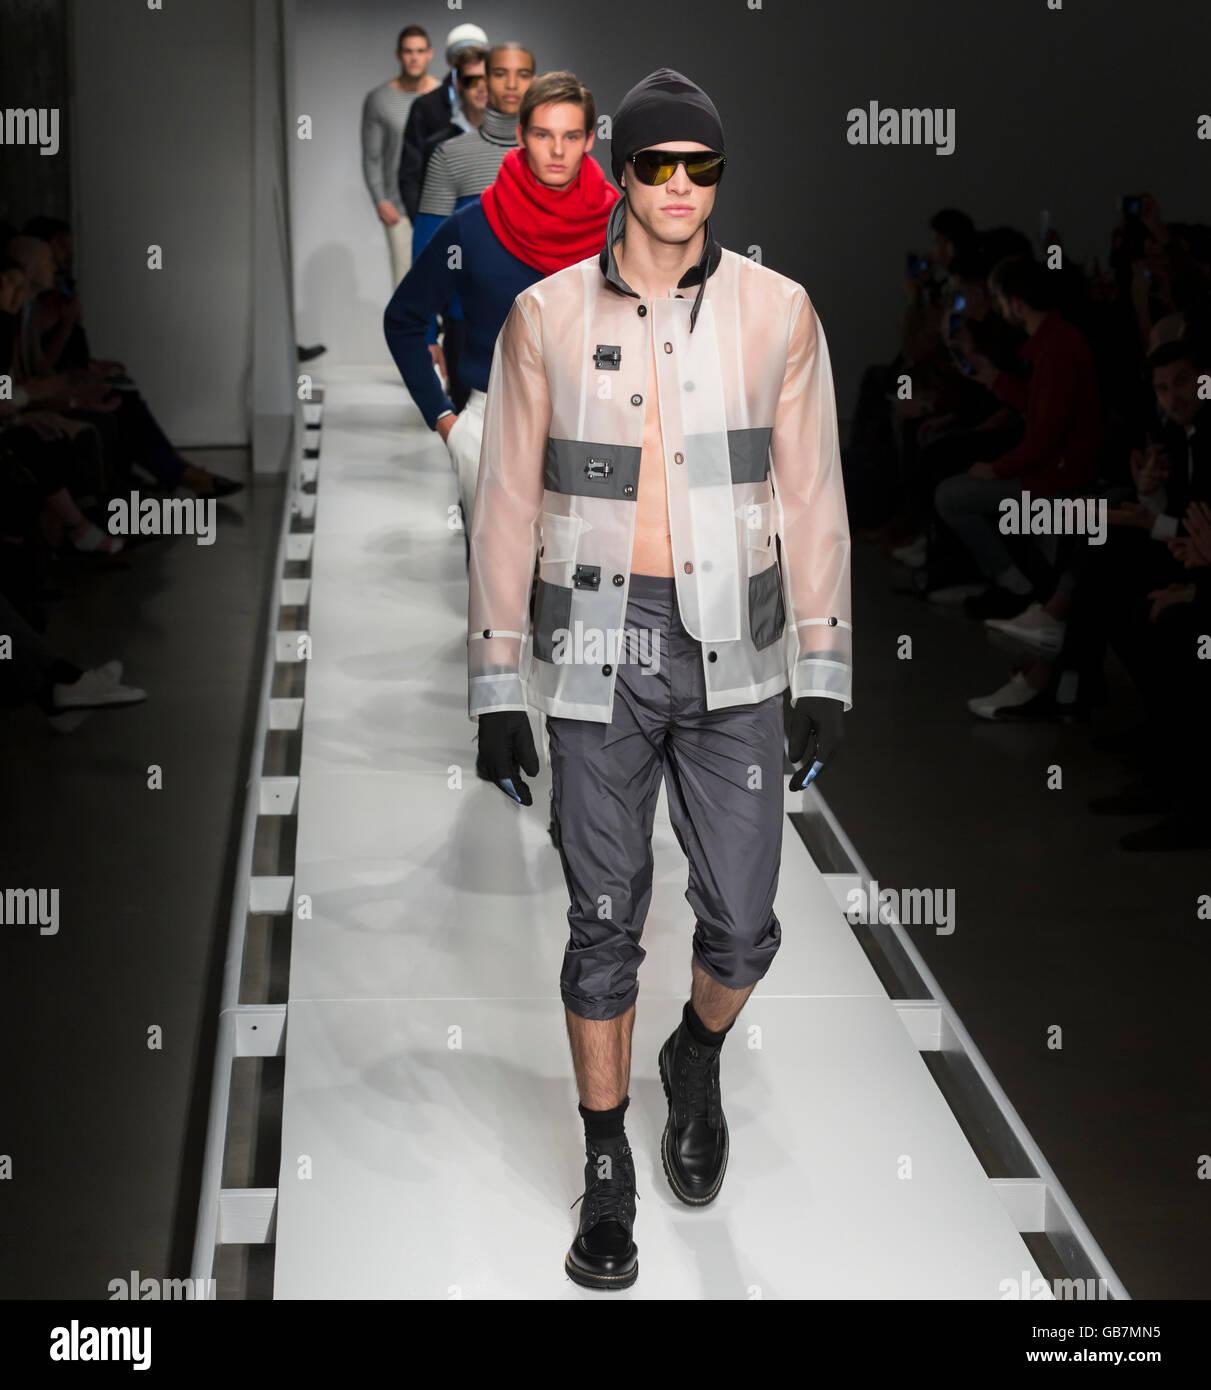 NEW YORK, NY - Febbraio 02, 2016: modelli a piedi la pista alla nautica Uomo Autunno 2016 Fashion show Immagini Stock